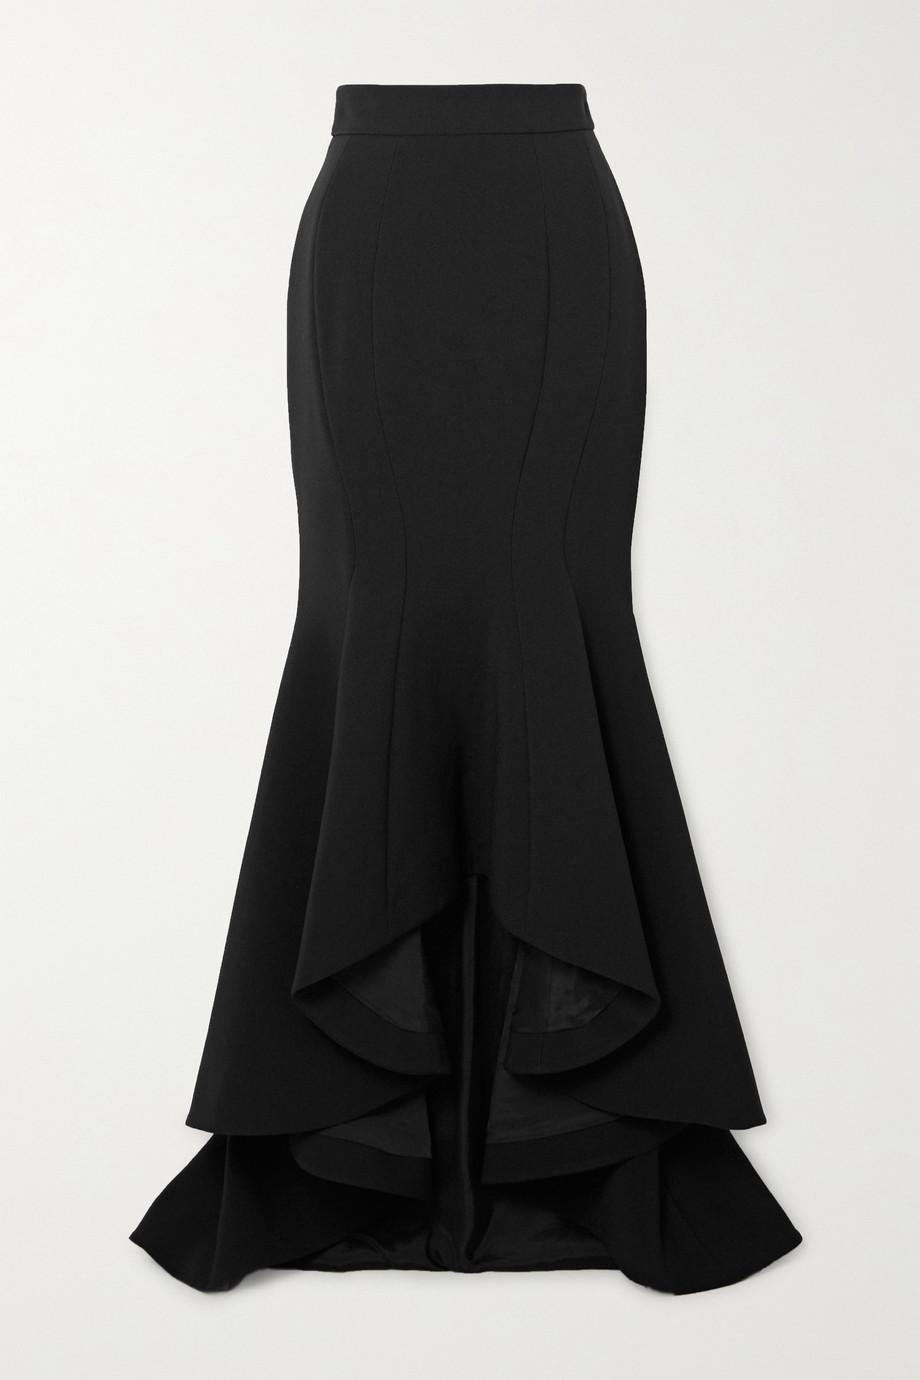 Alexandre Vauthier Asymmetric crepe skirt